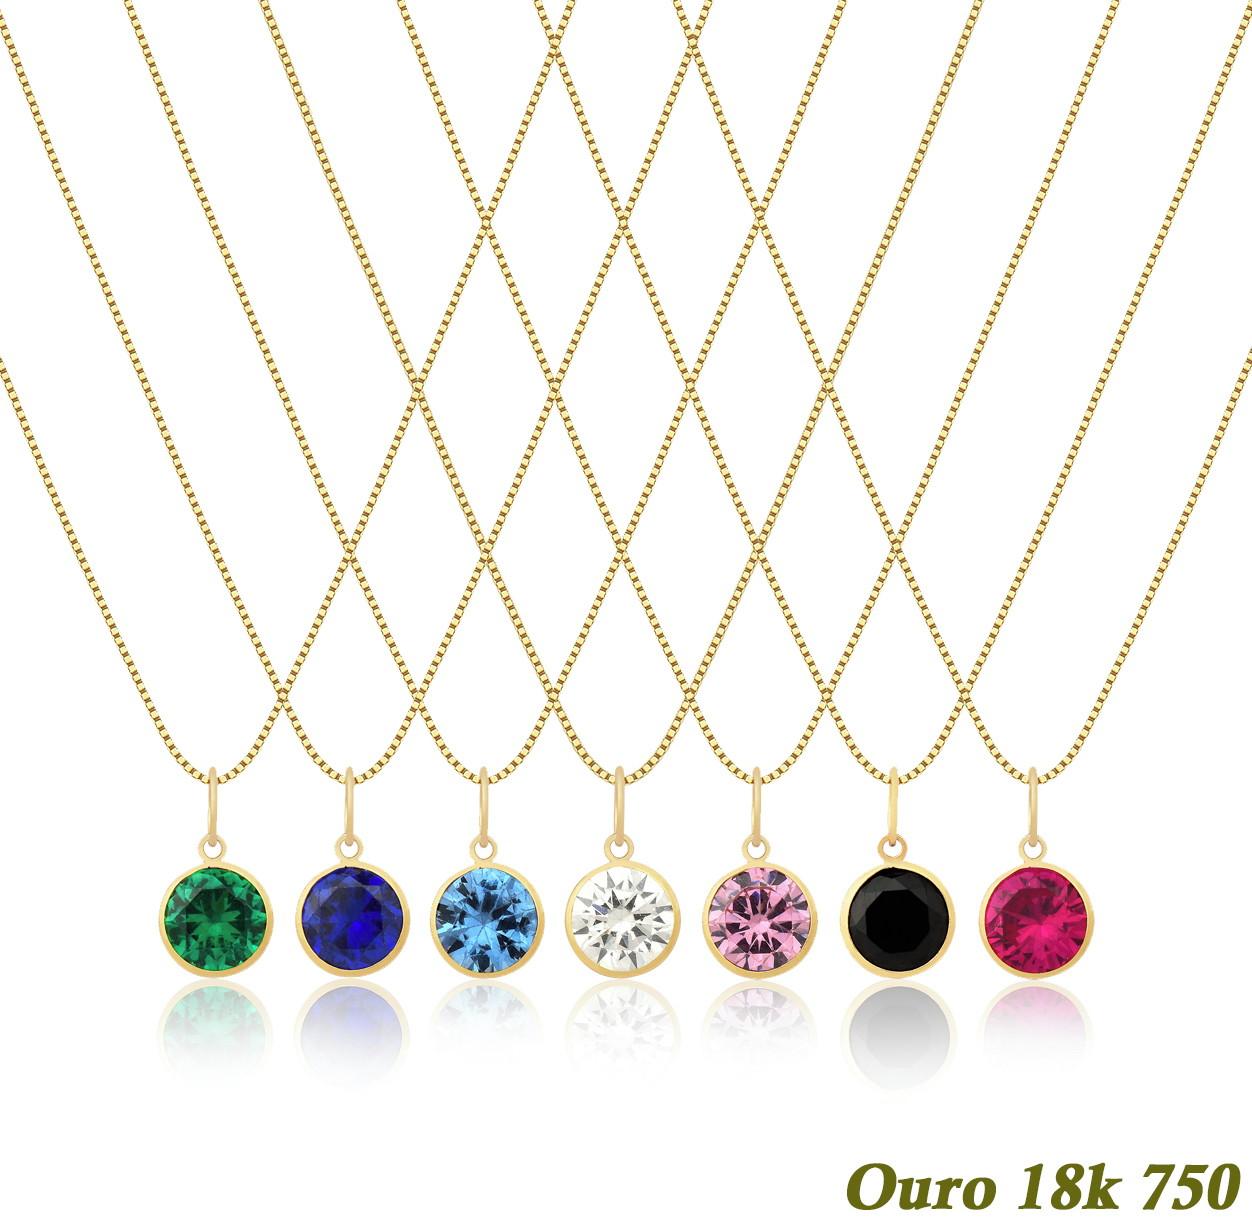 Corrente Veneziana Ouro 18k 750 45cm + Ponto De Luz no Elo7   Dream Factory  Joais (C371E1) c188f03201